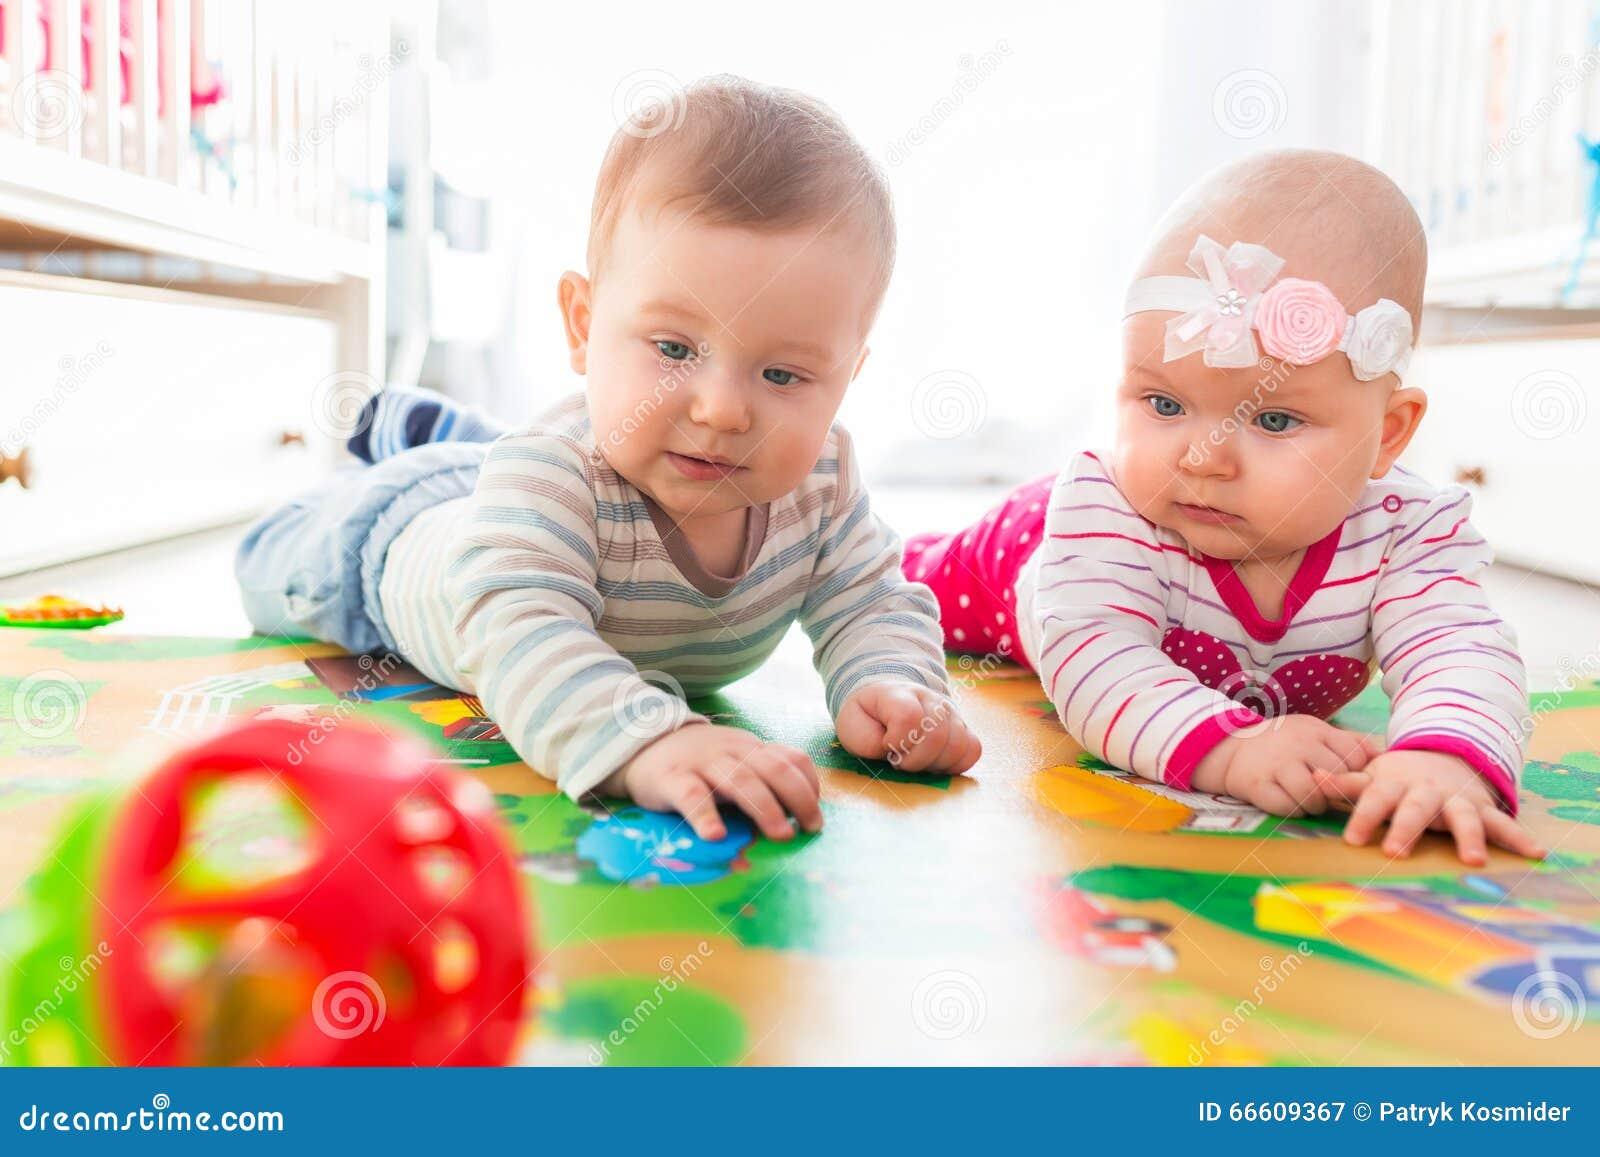 Bébés Jumeaux Fille Et Garçon : Jumeaux de bébé garçon et fille jouant avec la boule